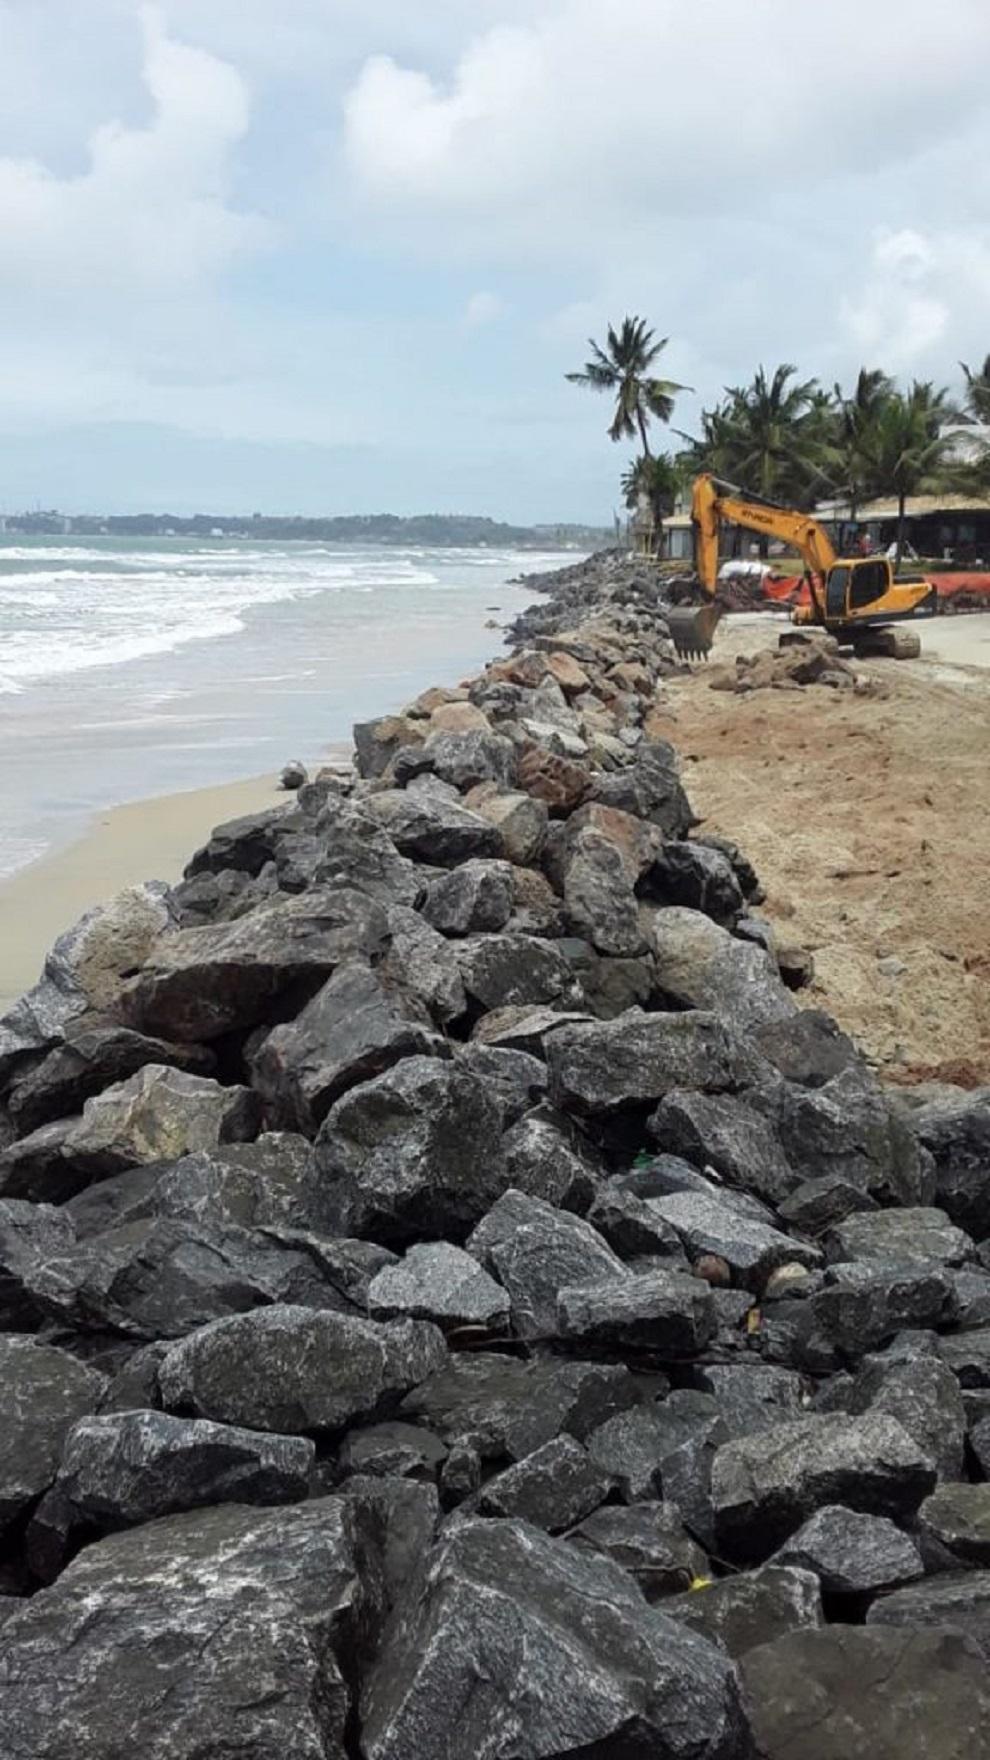 Prefeitura despeja mais pedras para conter avanço da maré no litoral norte de Ilhéus